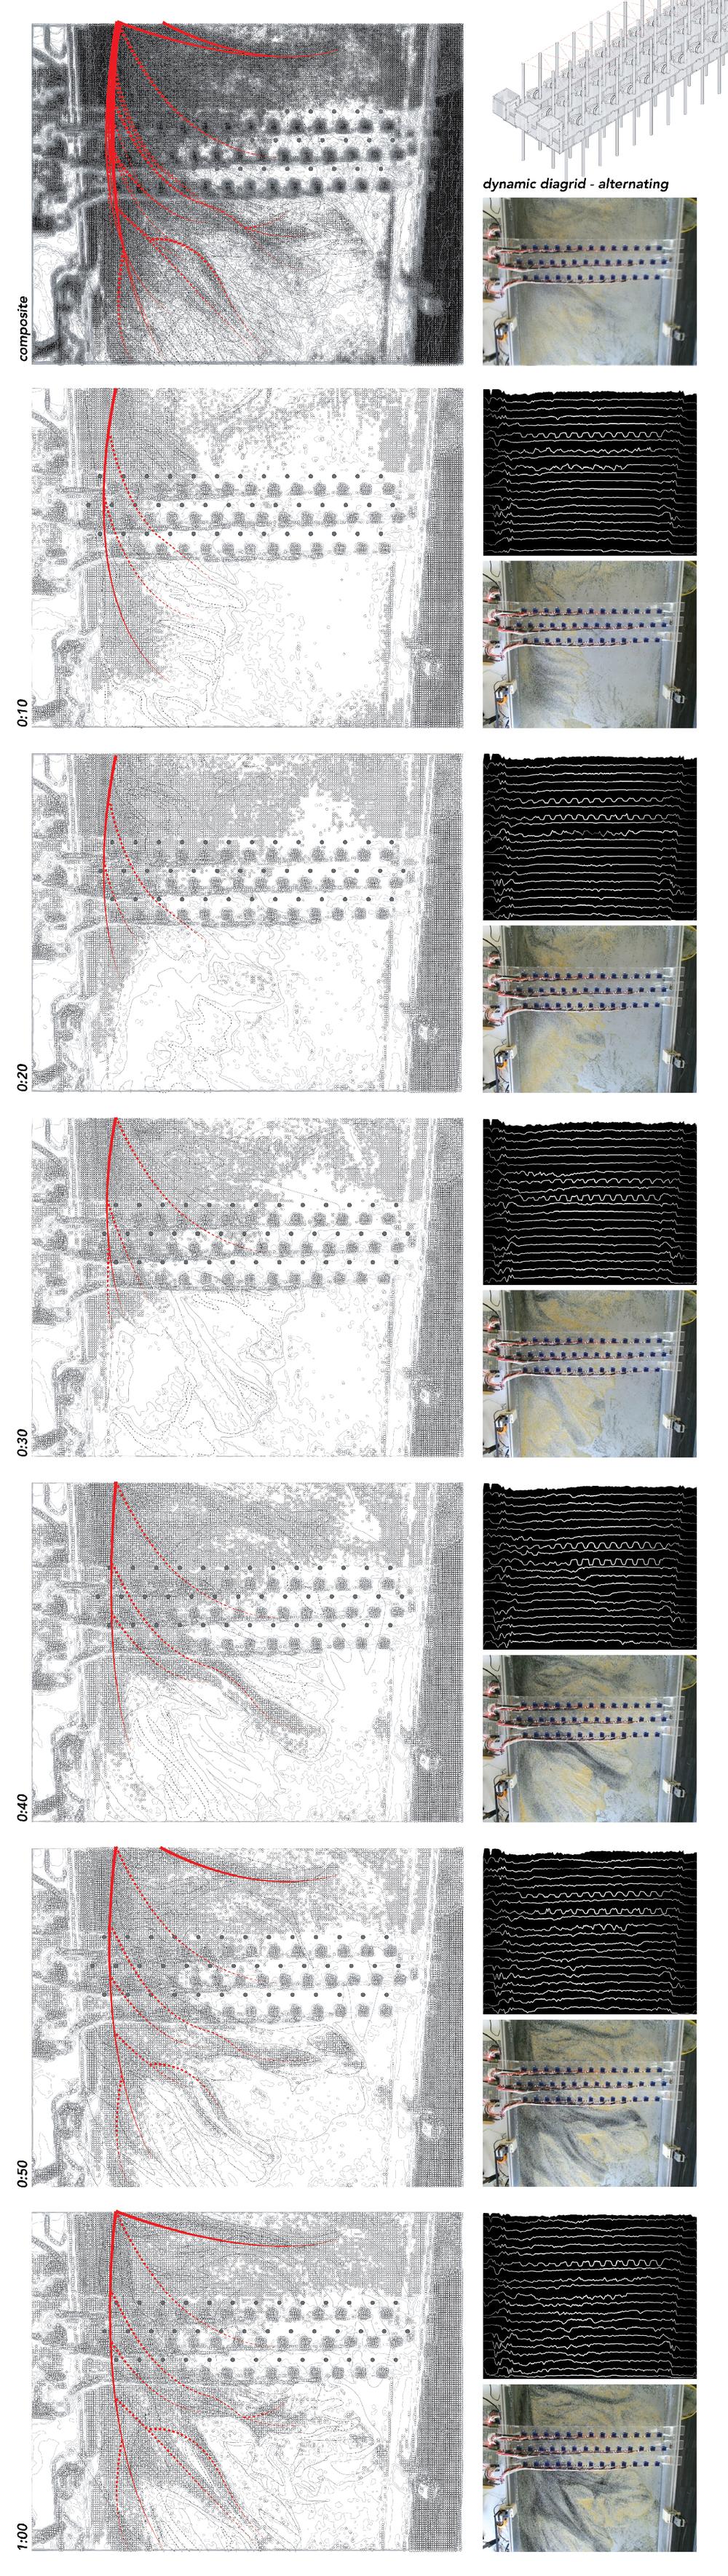 dynamic grid, alternating